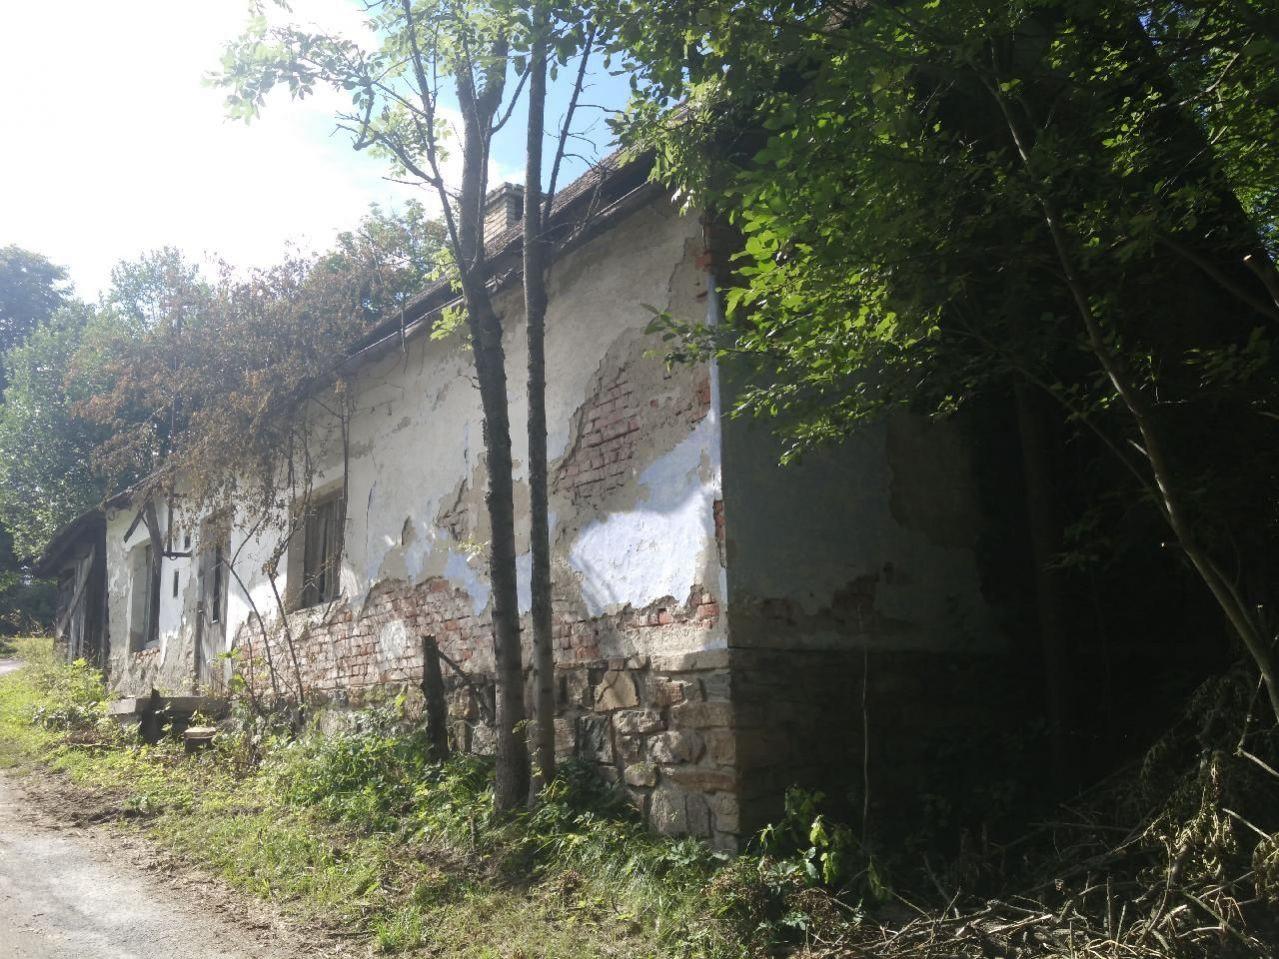 E-aukce rodinného domu, ideální spoluvlastnický podíl 1/2, kat. území Žárová, okres Šumperk